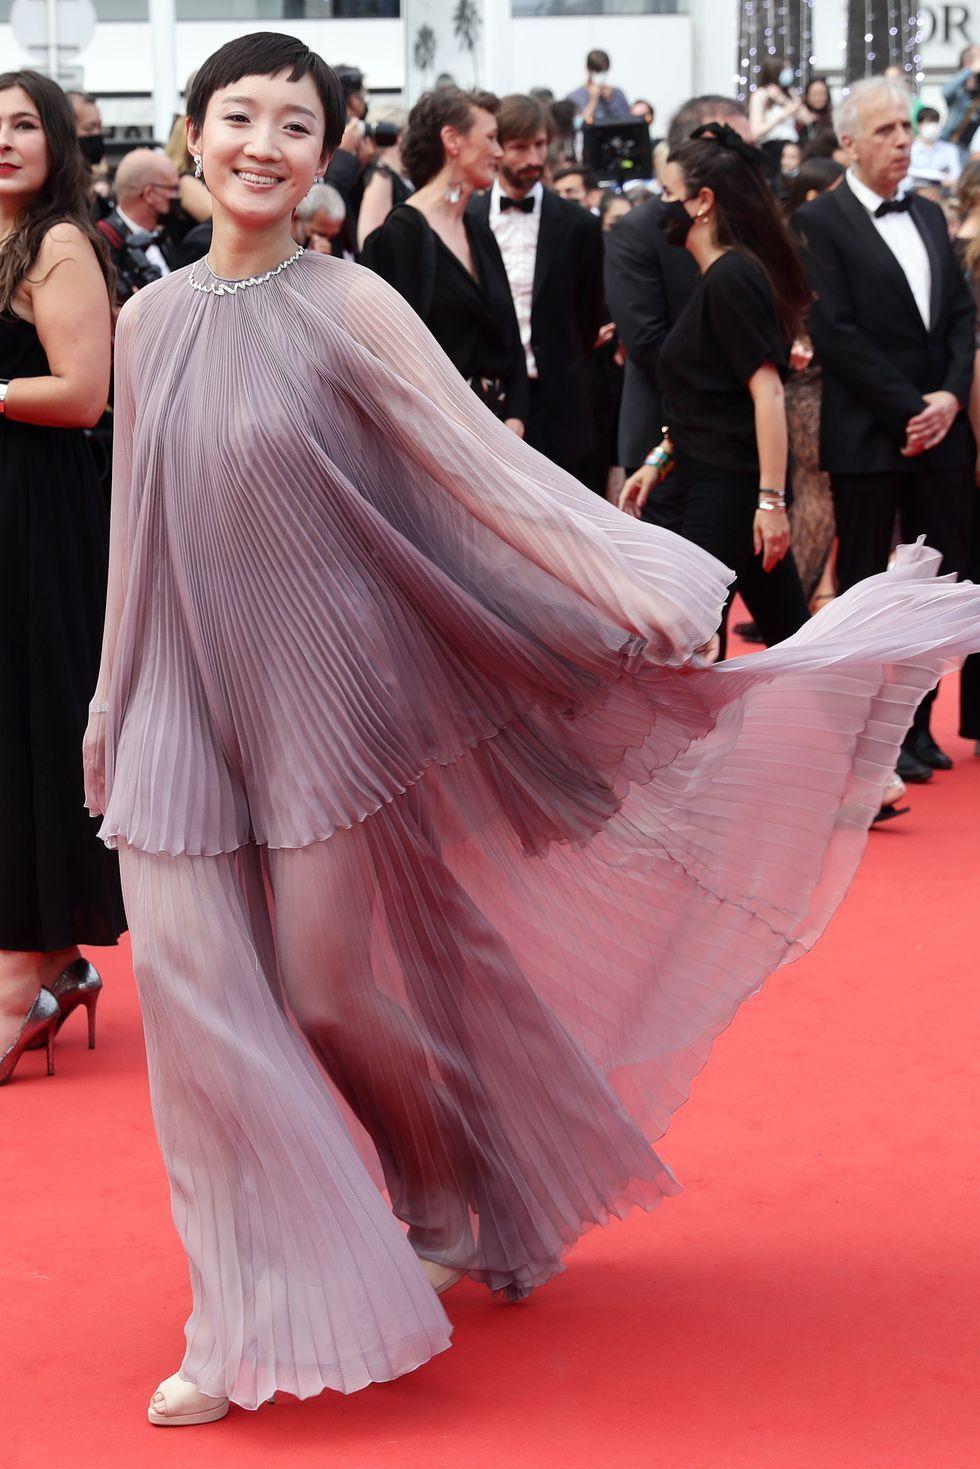 Festival de Cannes 2021: um fluxo constante de rostos famosos